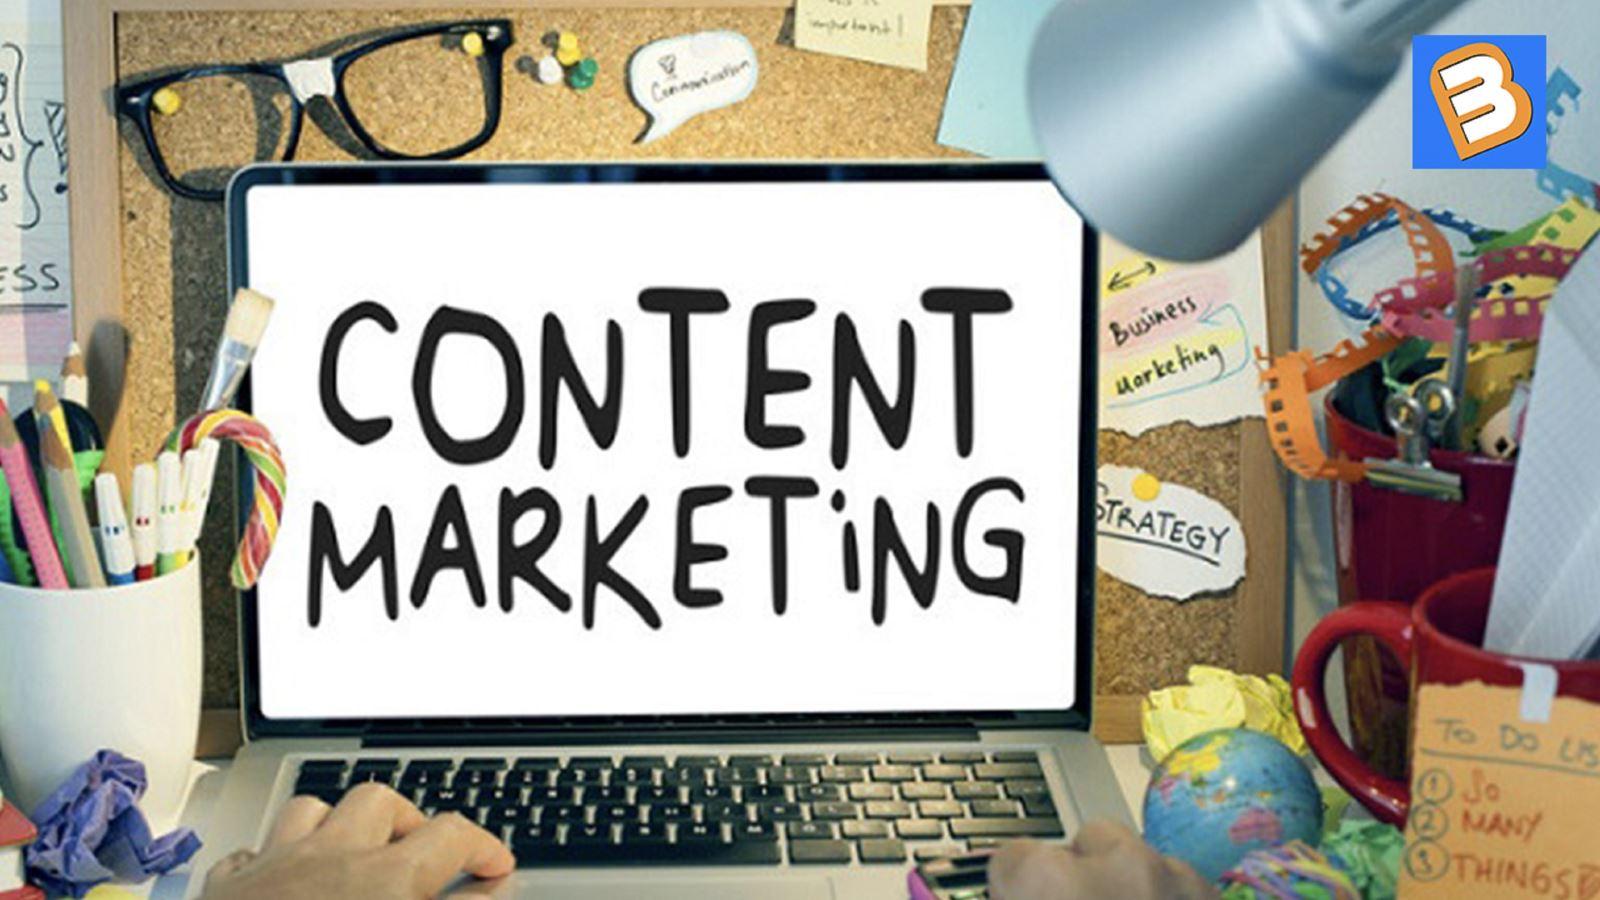 Binhminhdigital tuyển nhân viên Content Marketing tại Đà Nẵng